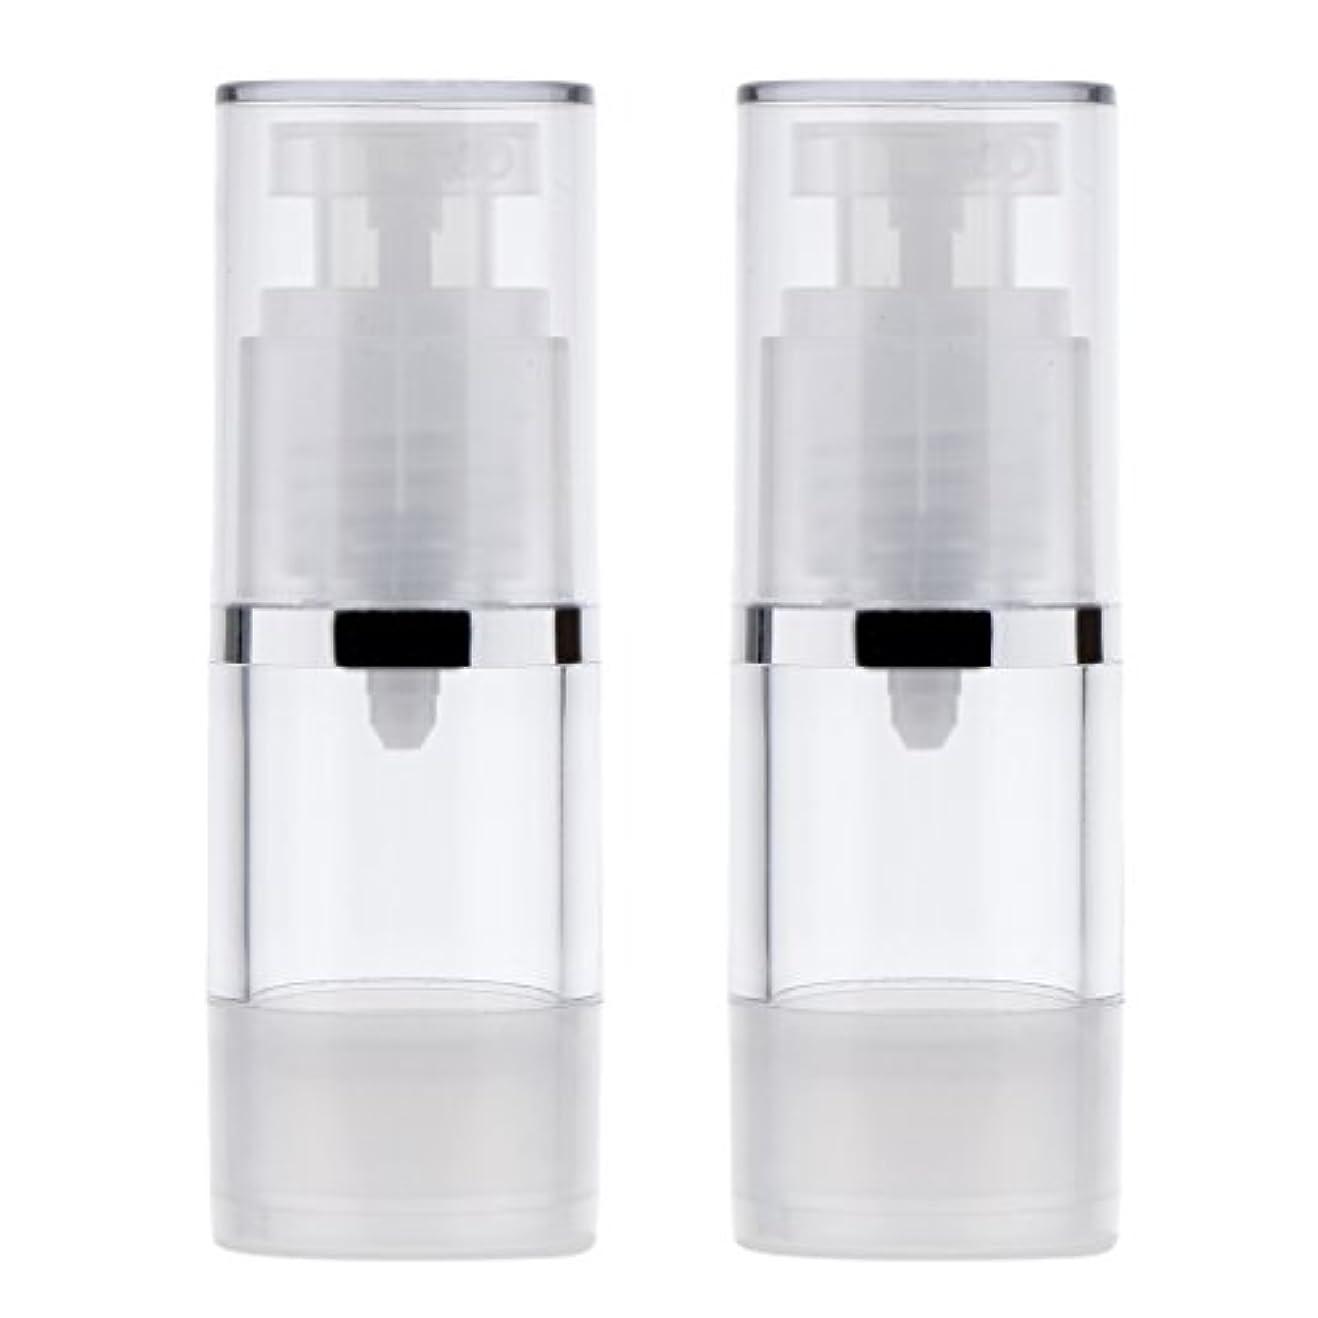 読書をする護衛甘味2個 ポンプボトル ディスペンサー 詰め替え可 化粧品 クリーム ローション ポンプチューブ エアレスボトル 収納用 容器 3サイズ選べる - 15ml